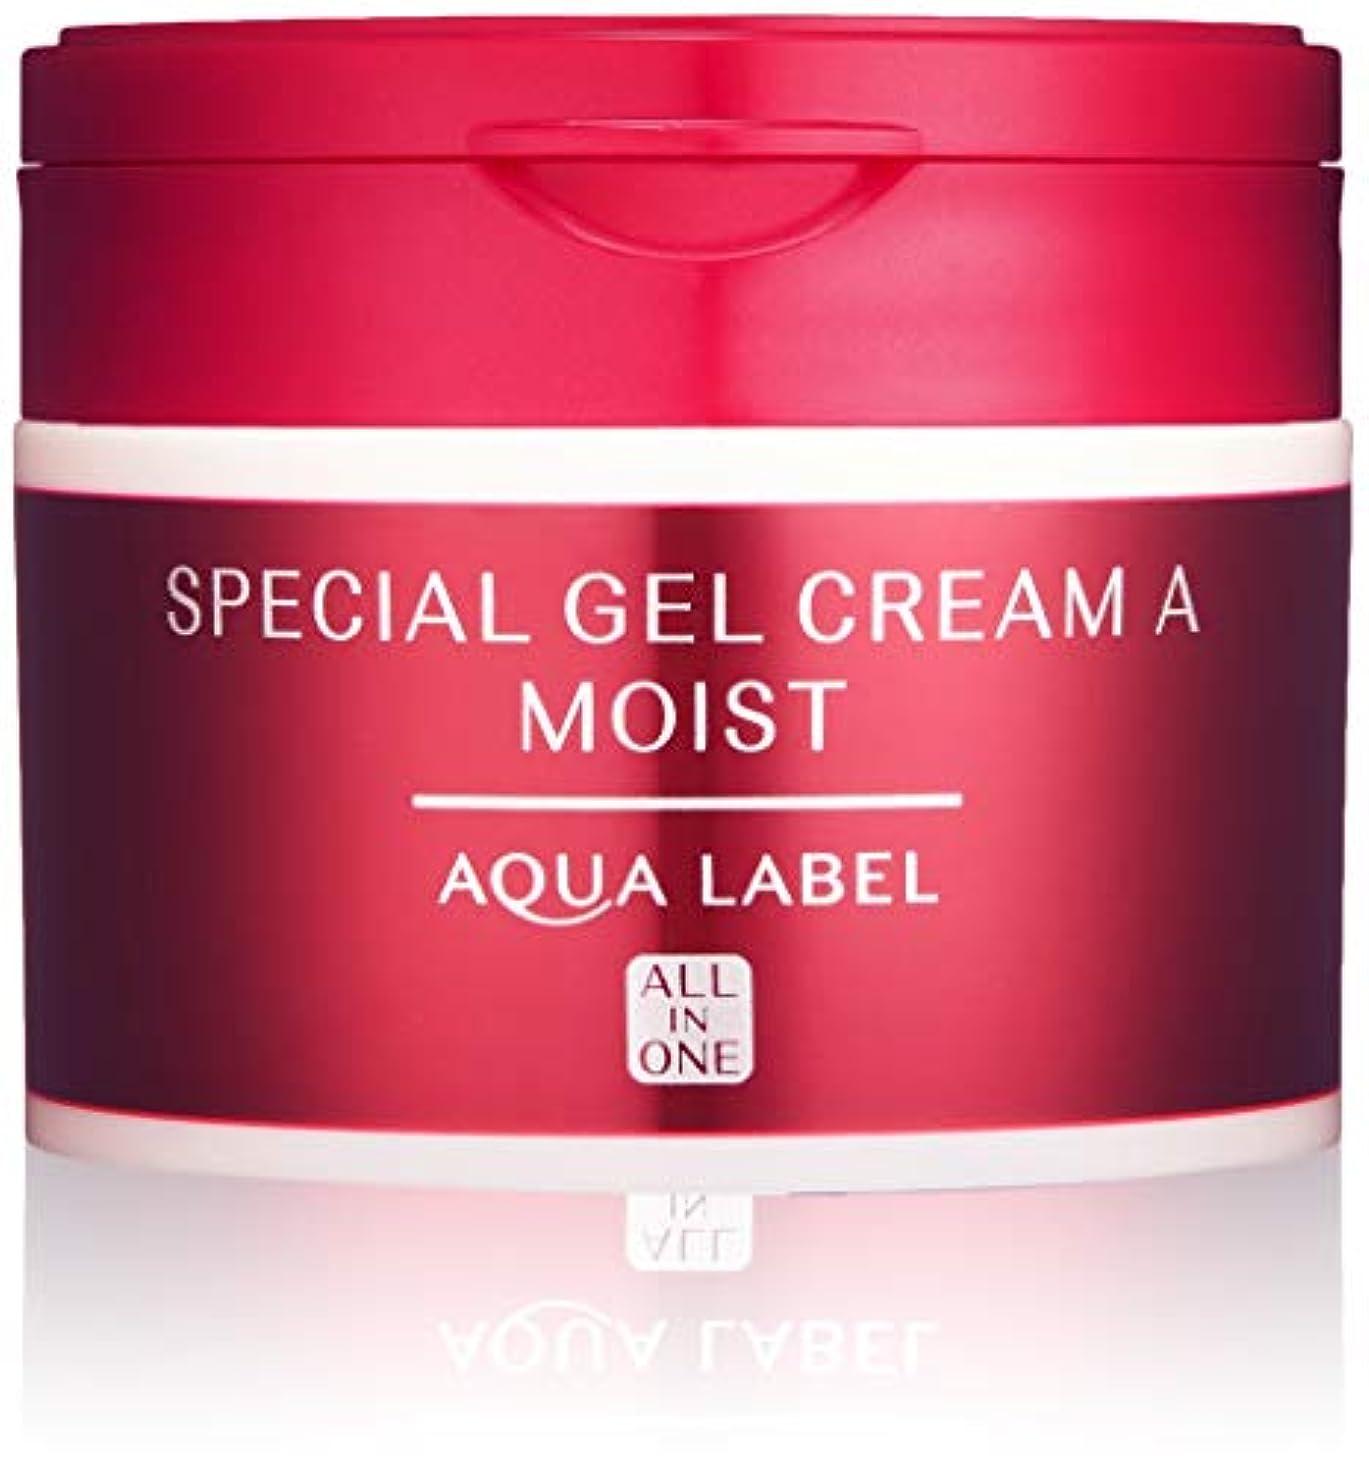 震える回転シードAQUALABEL(アクアレーベル) アクアレーベル スペシャルジェルクリームA (モイスト) ハーバルローズの優しい香り 単品 90g